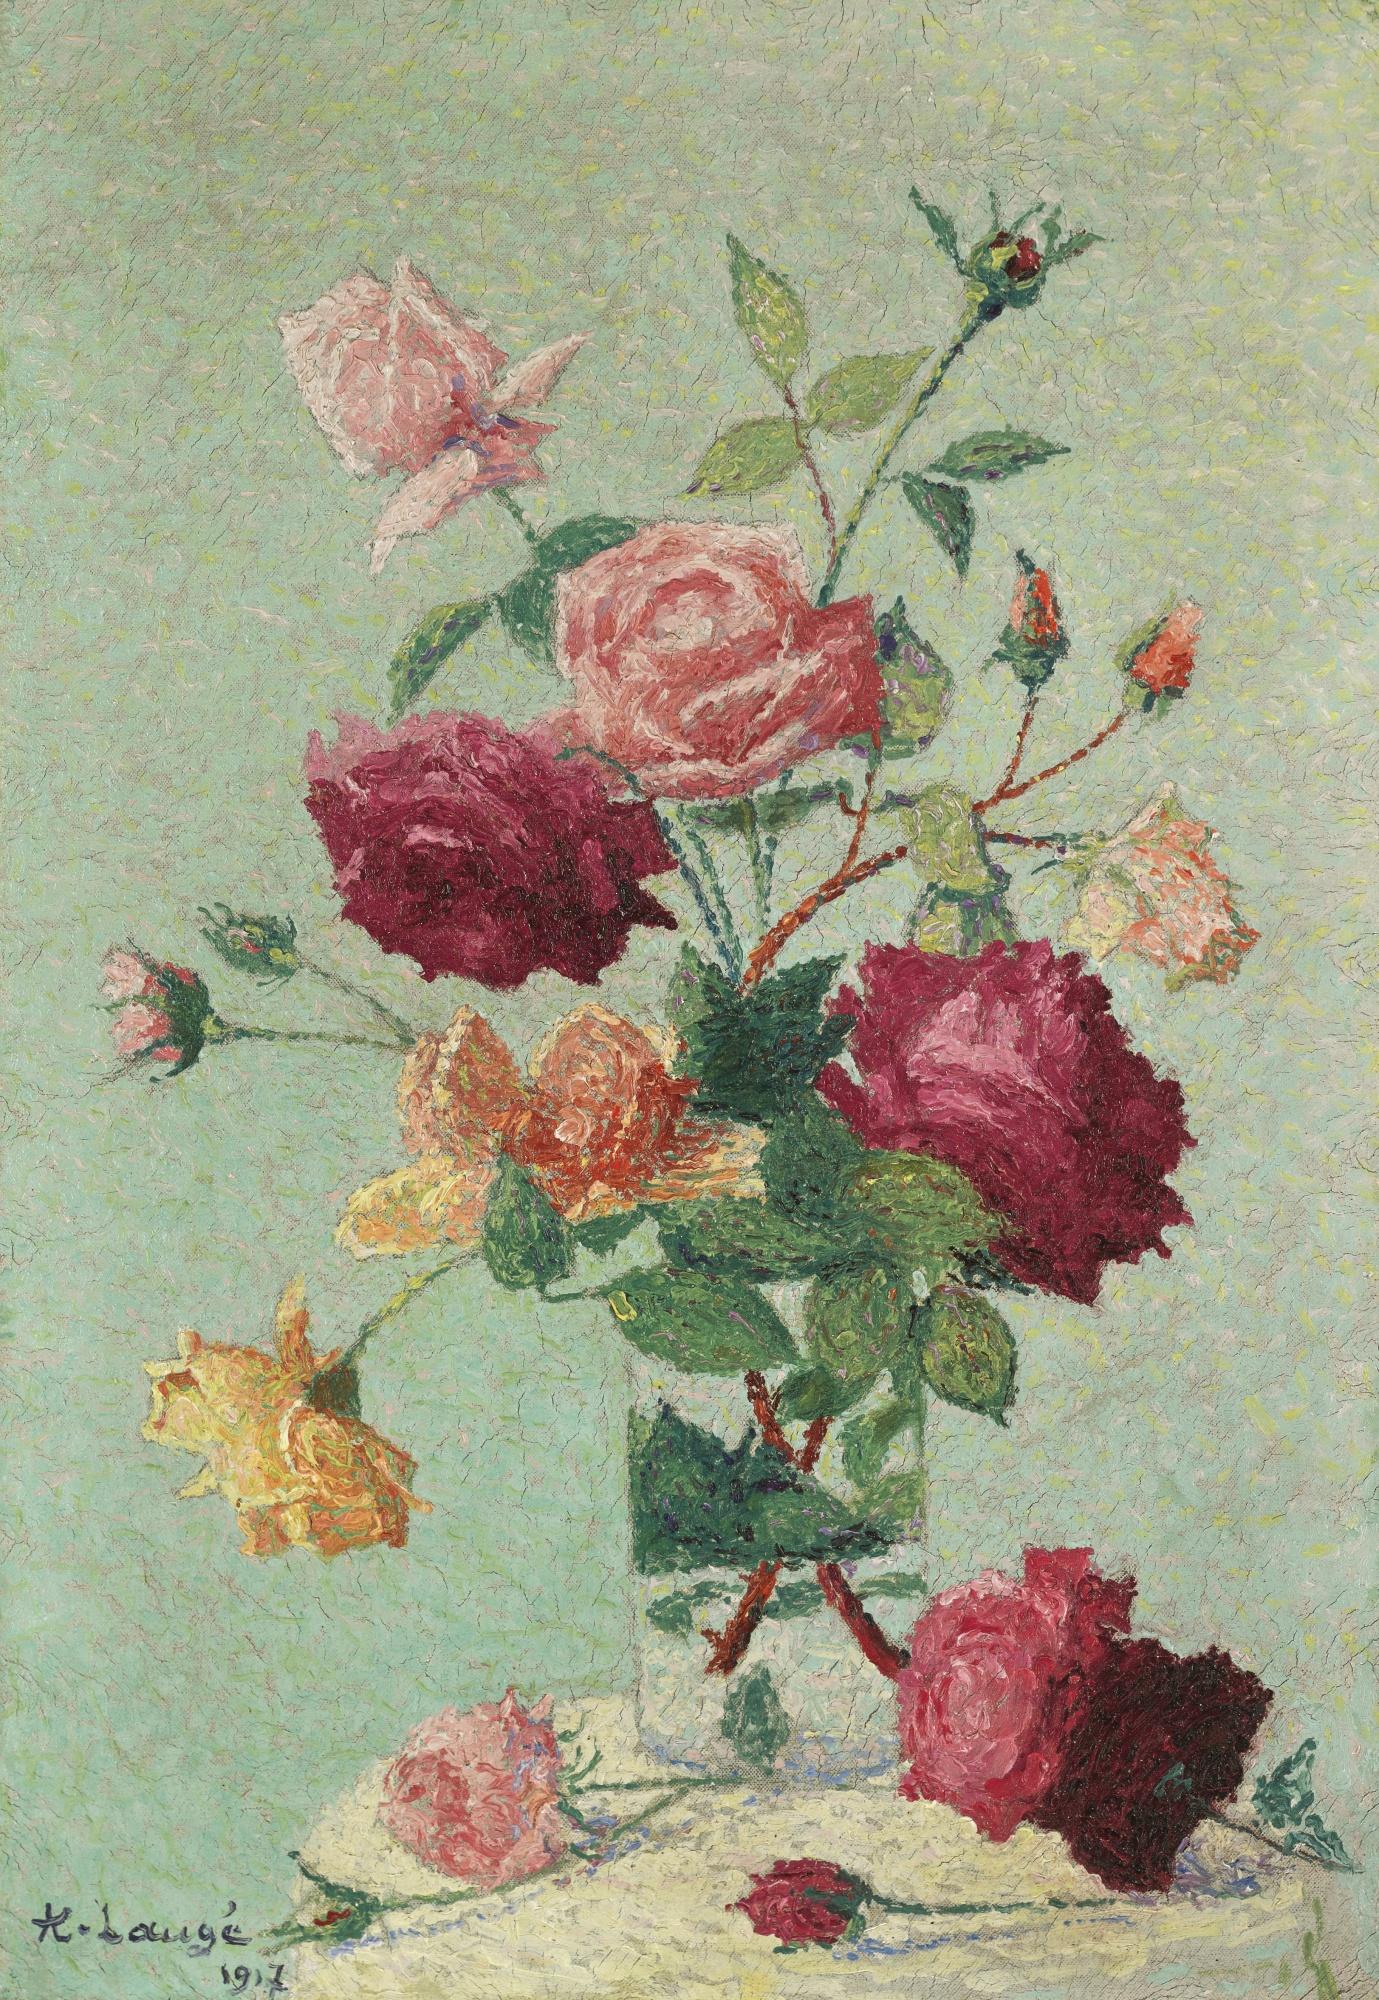 Achille Lauge-Bouquet De Roses Dans Un Vase Transparent-1917